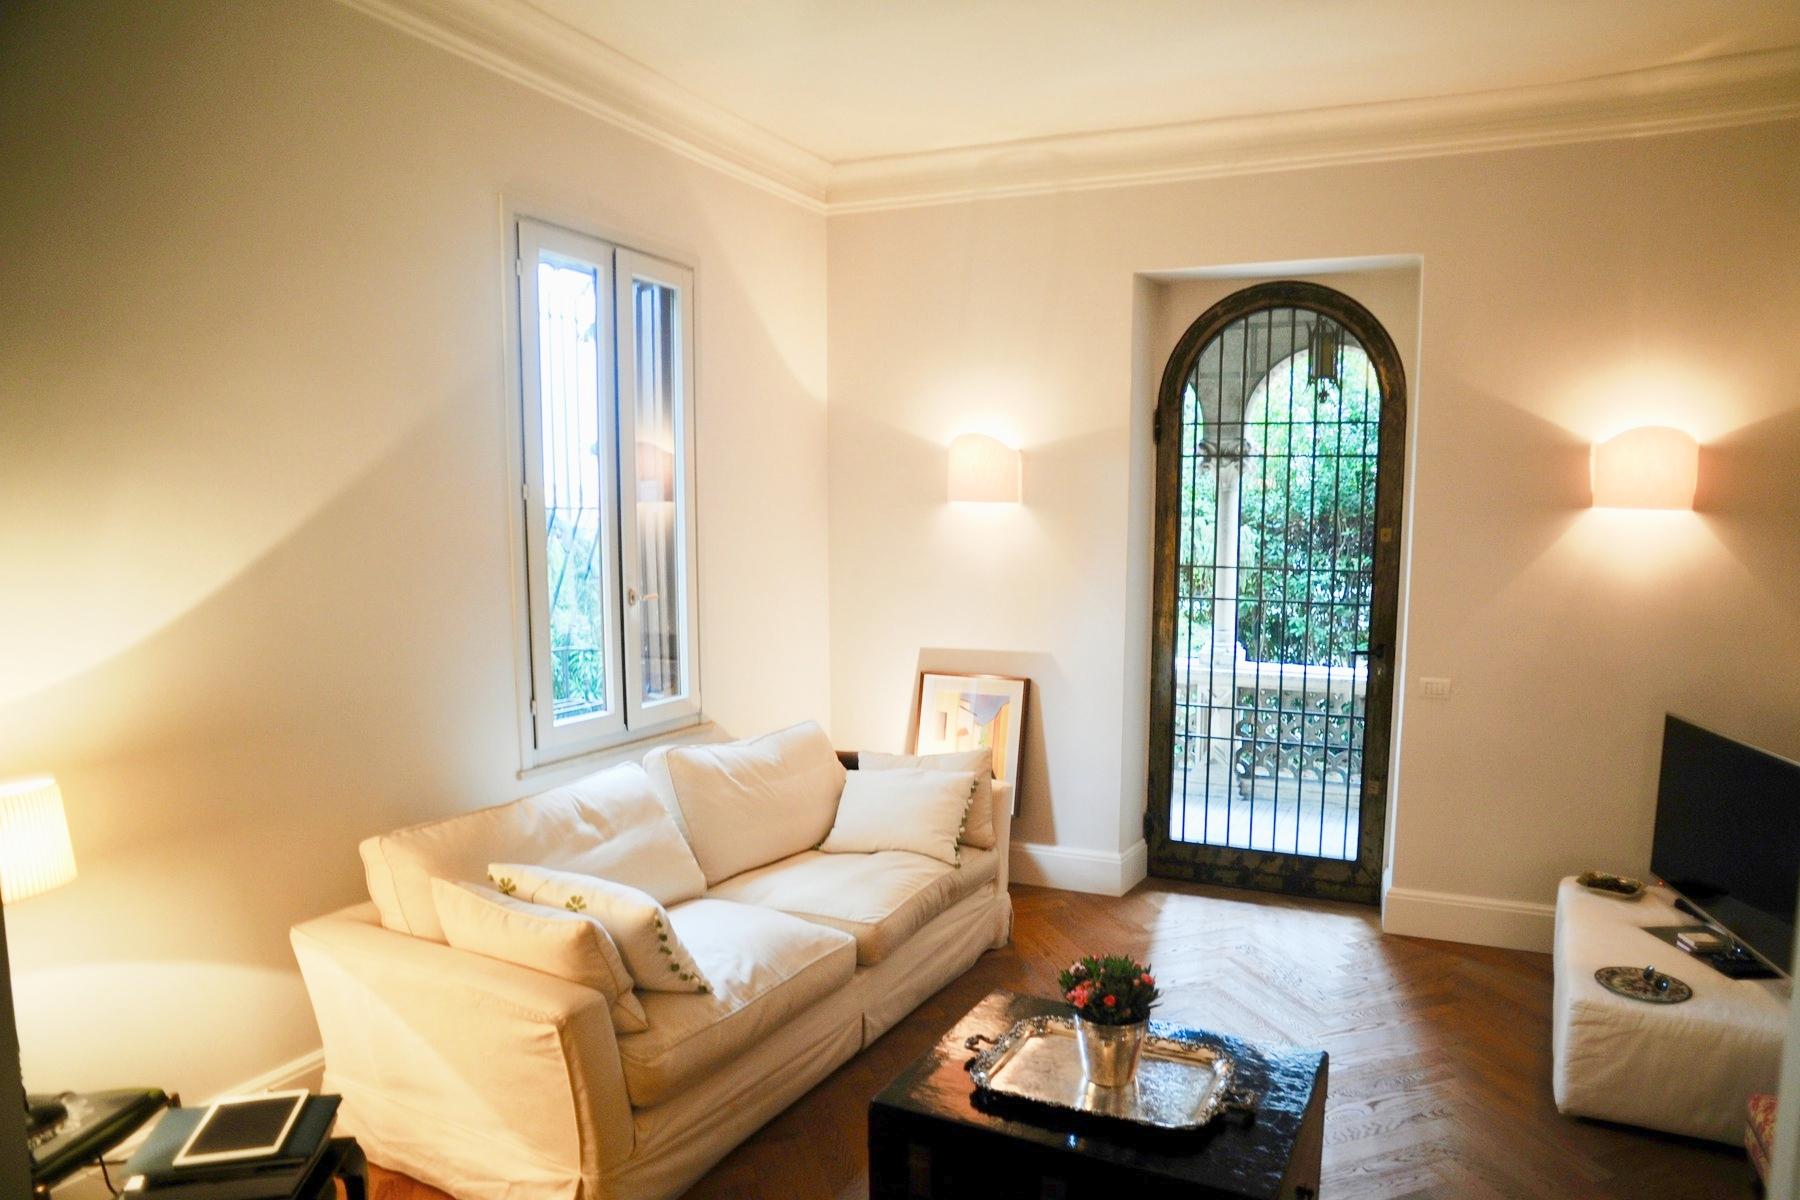 Appartamento in Vendita a Verona: 5 locali, 160 mq - Foto 4